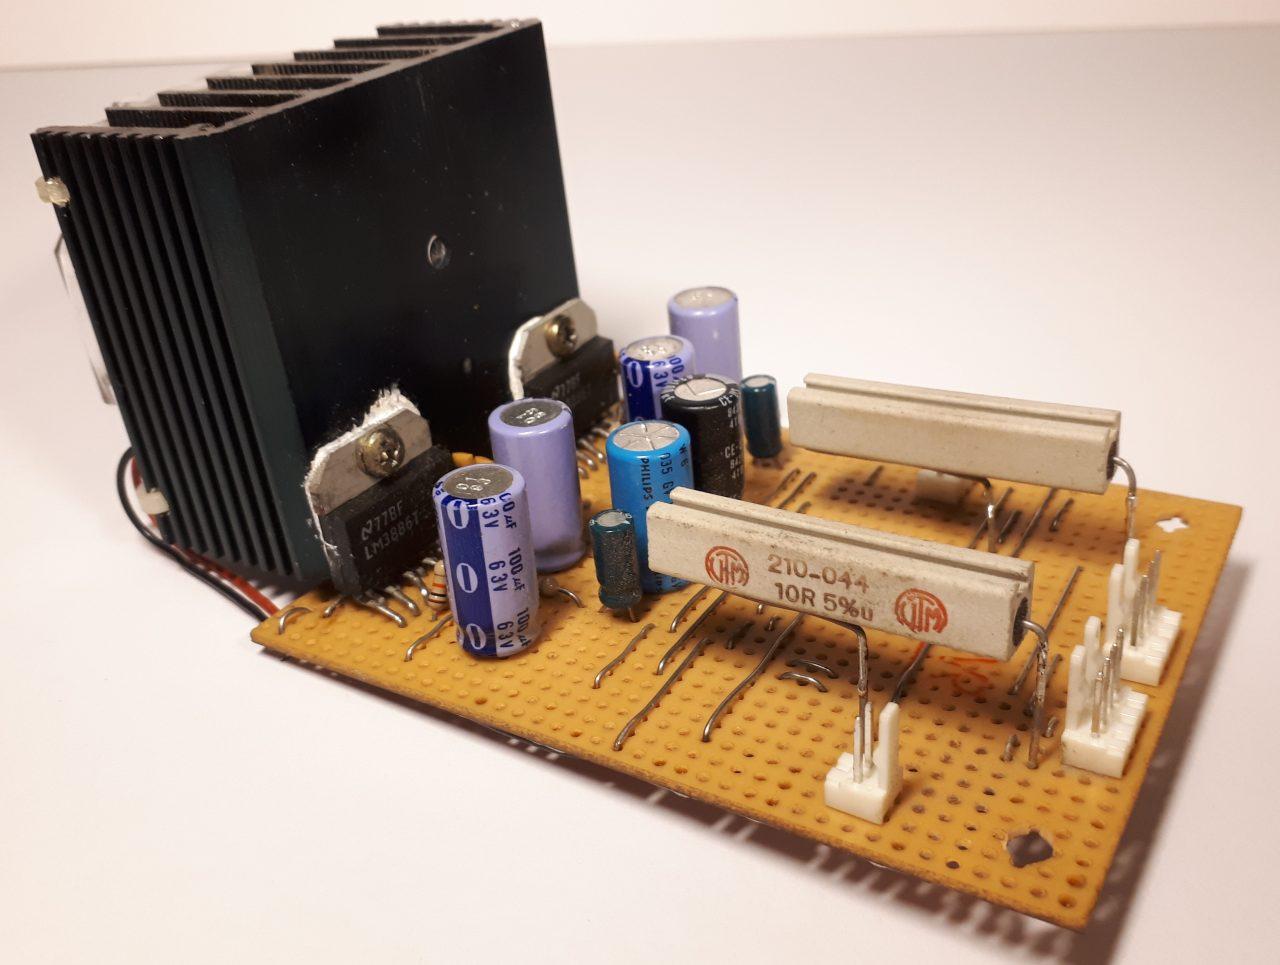 Jukebox amplifier component side